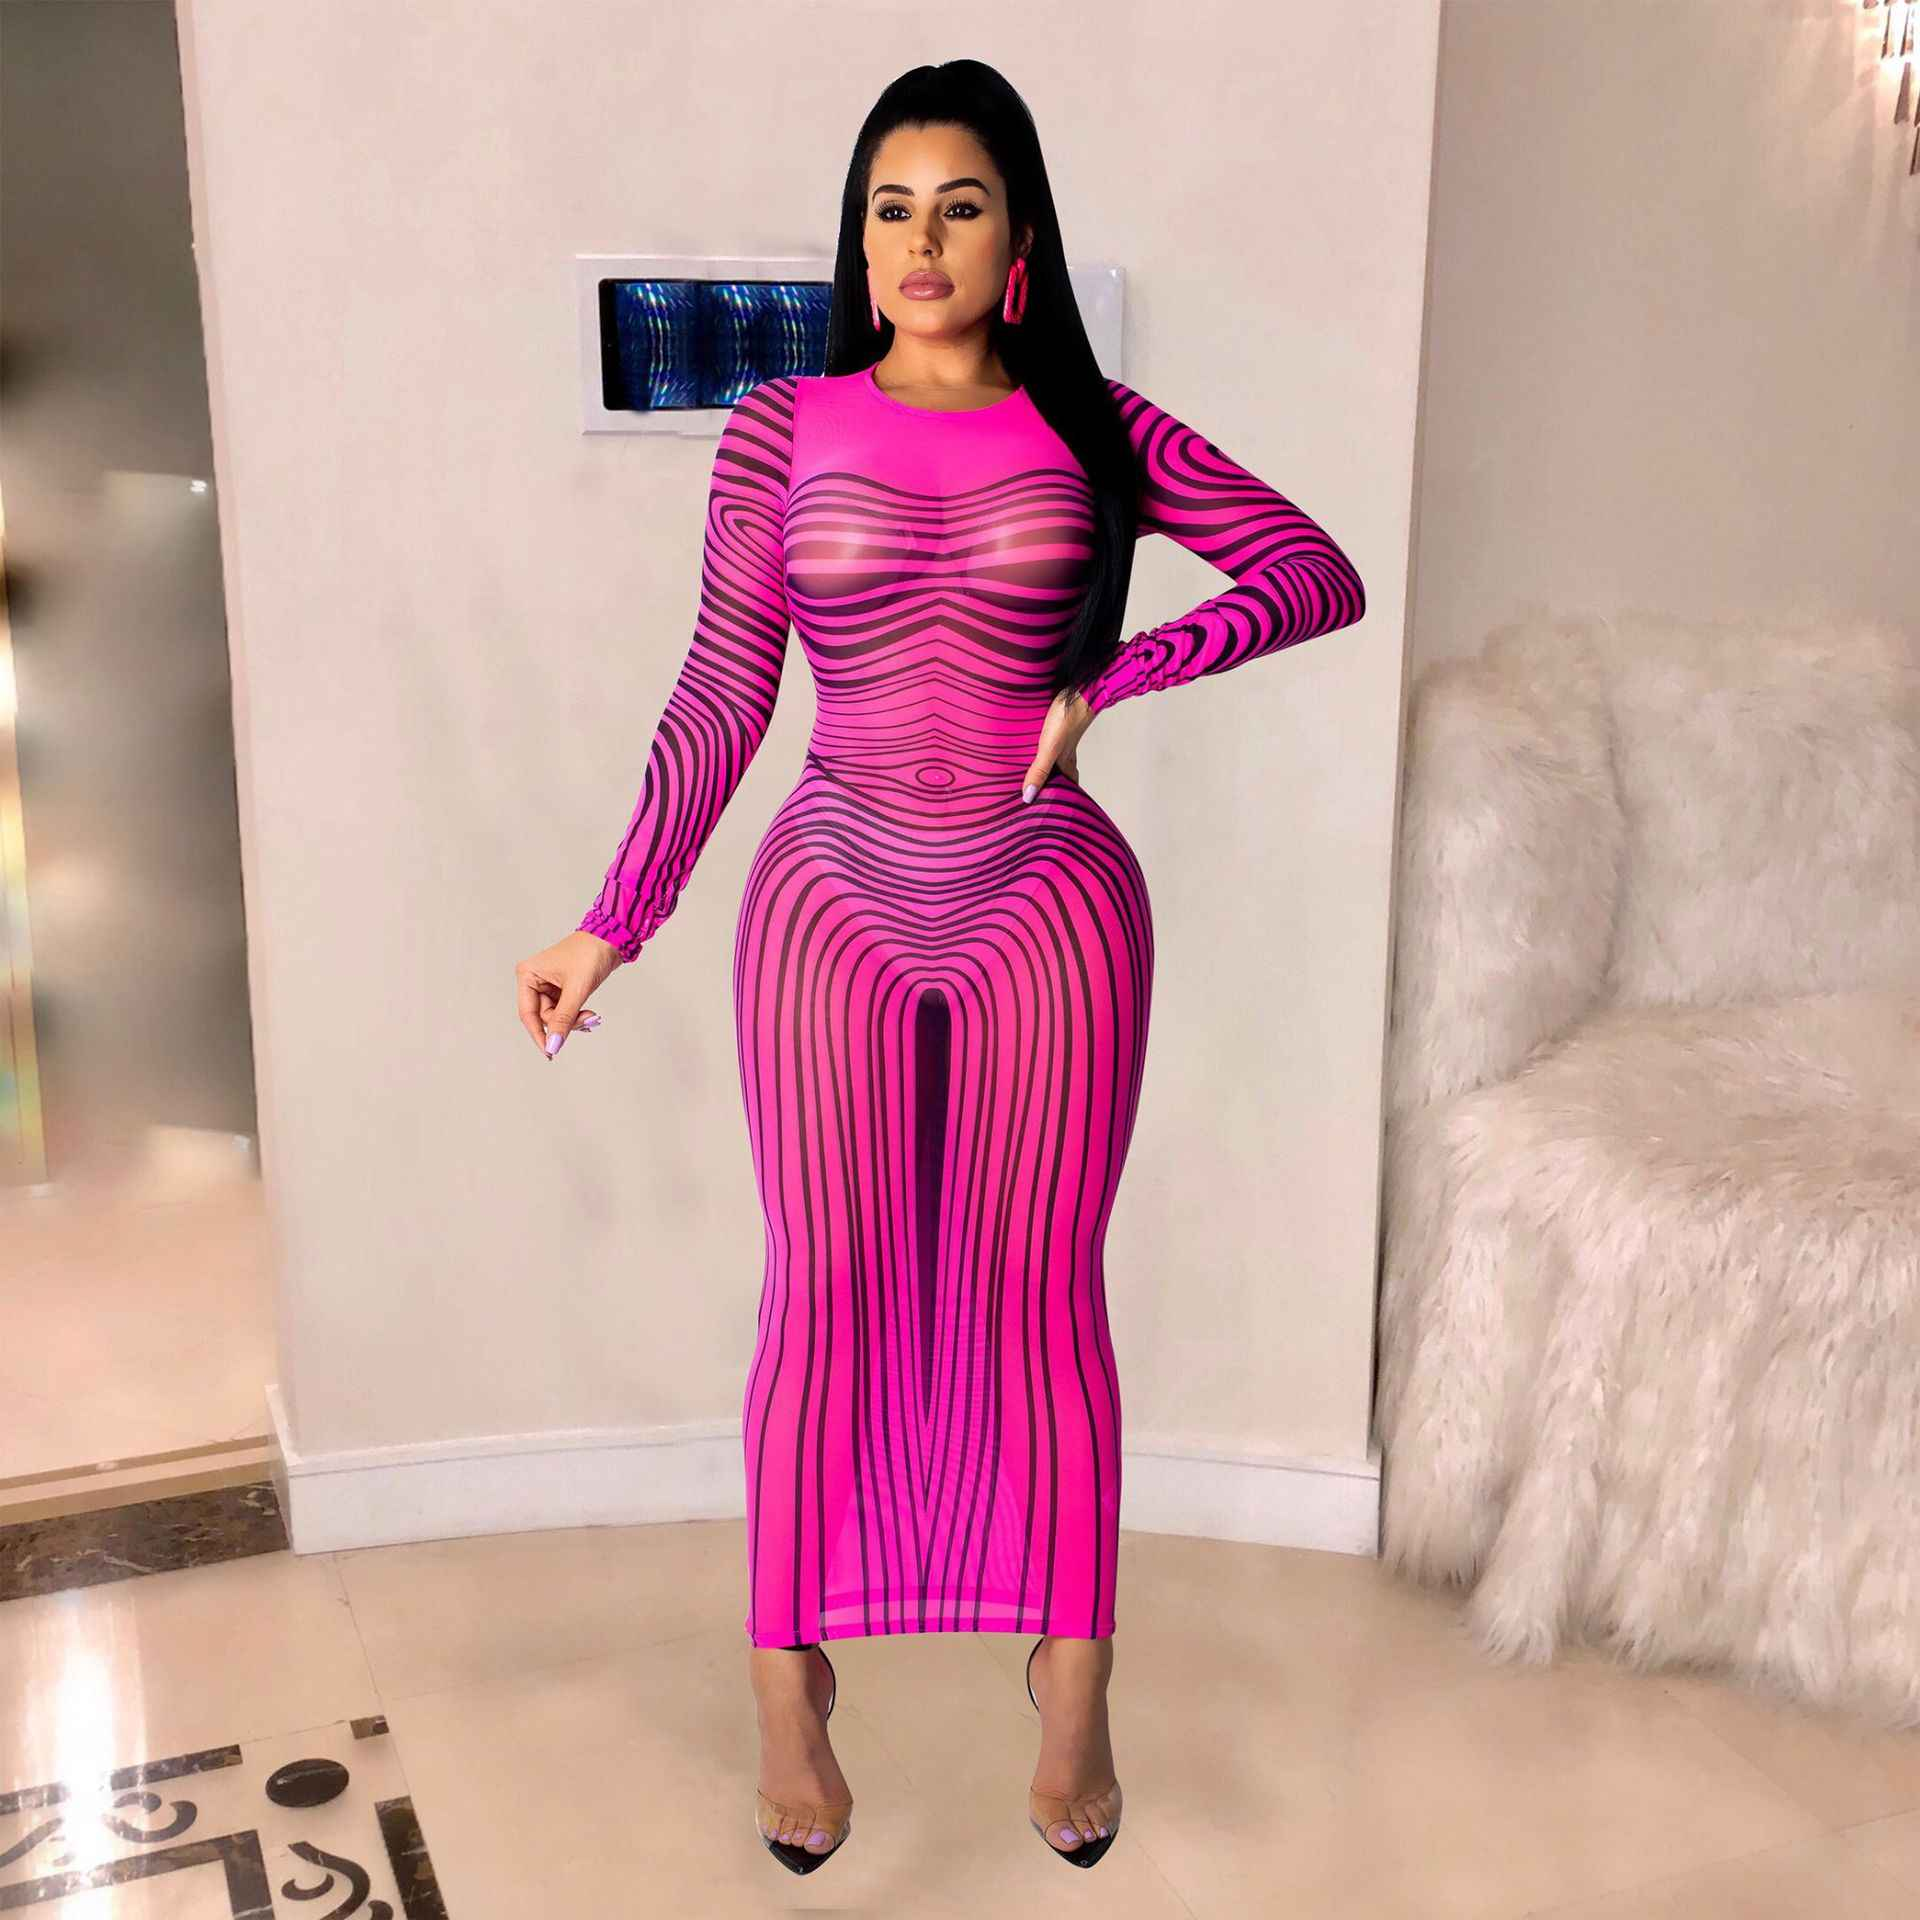 Красивое платье в полоску с принтом градиентного цвета, женское Сетчатое платье, облегающее платье для вечеринки, летнее облегающее платье с длинными рукавами и высокой талией